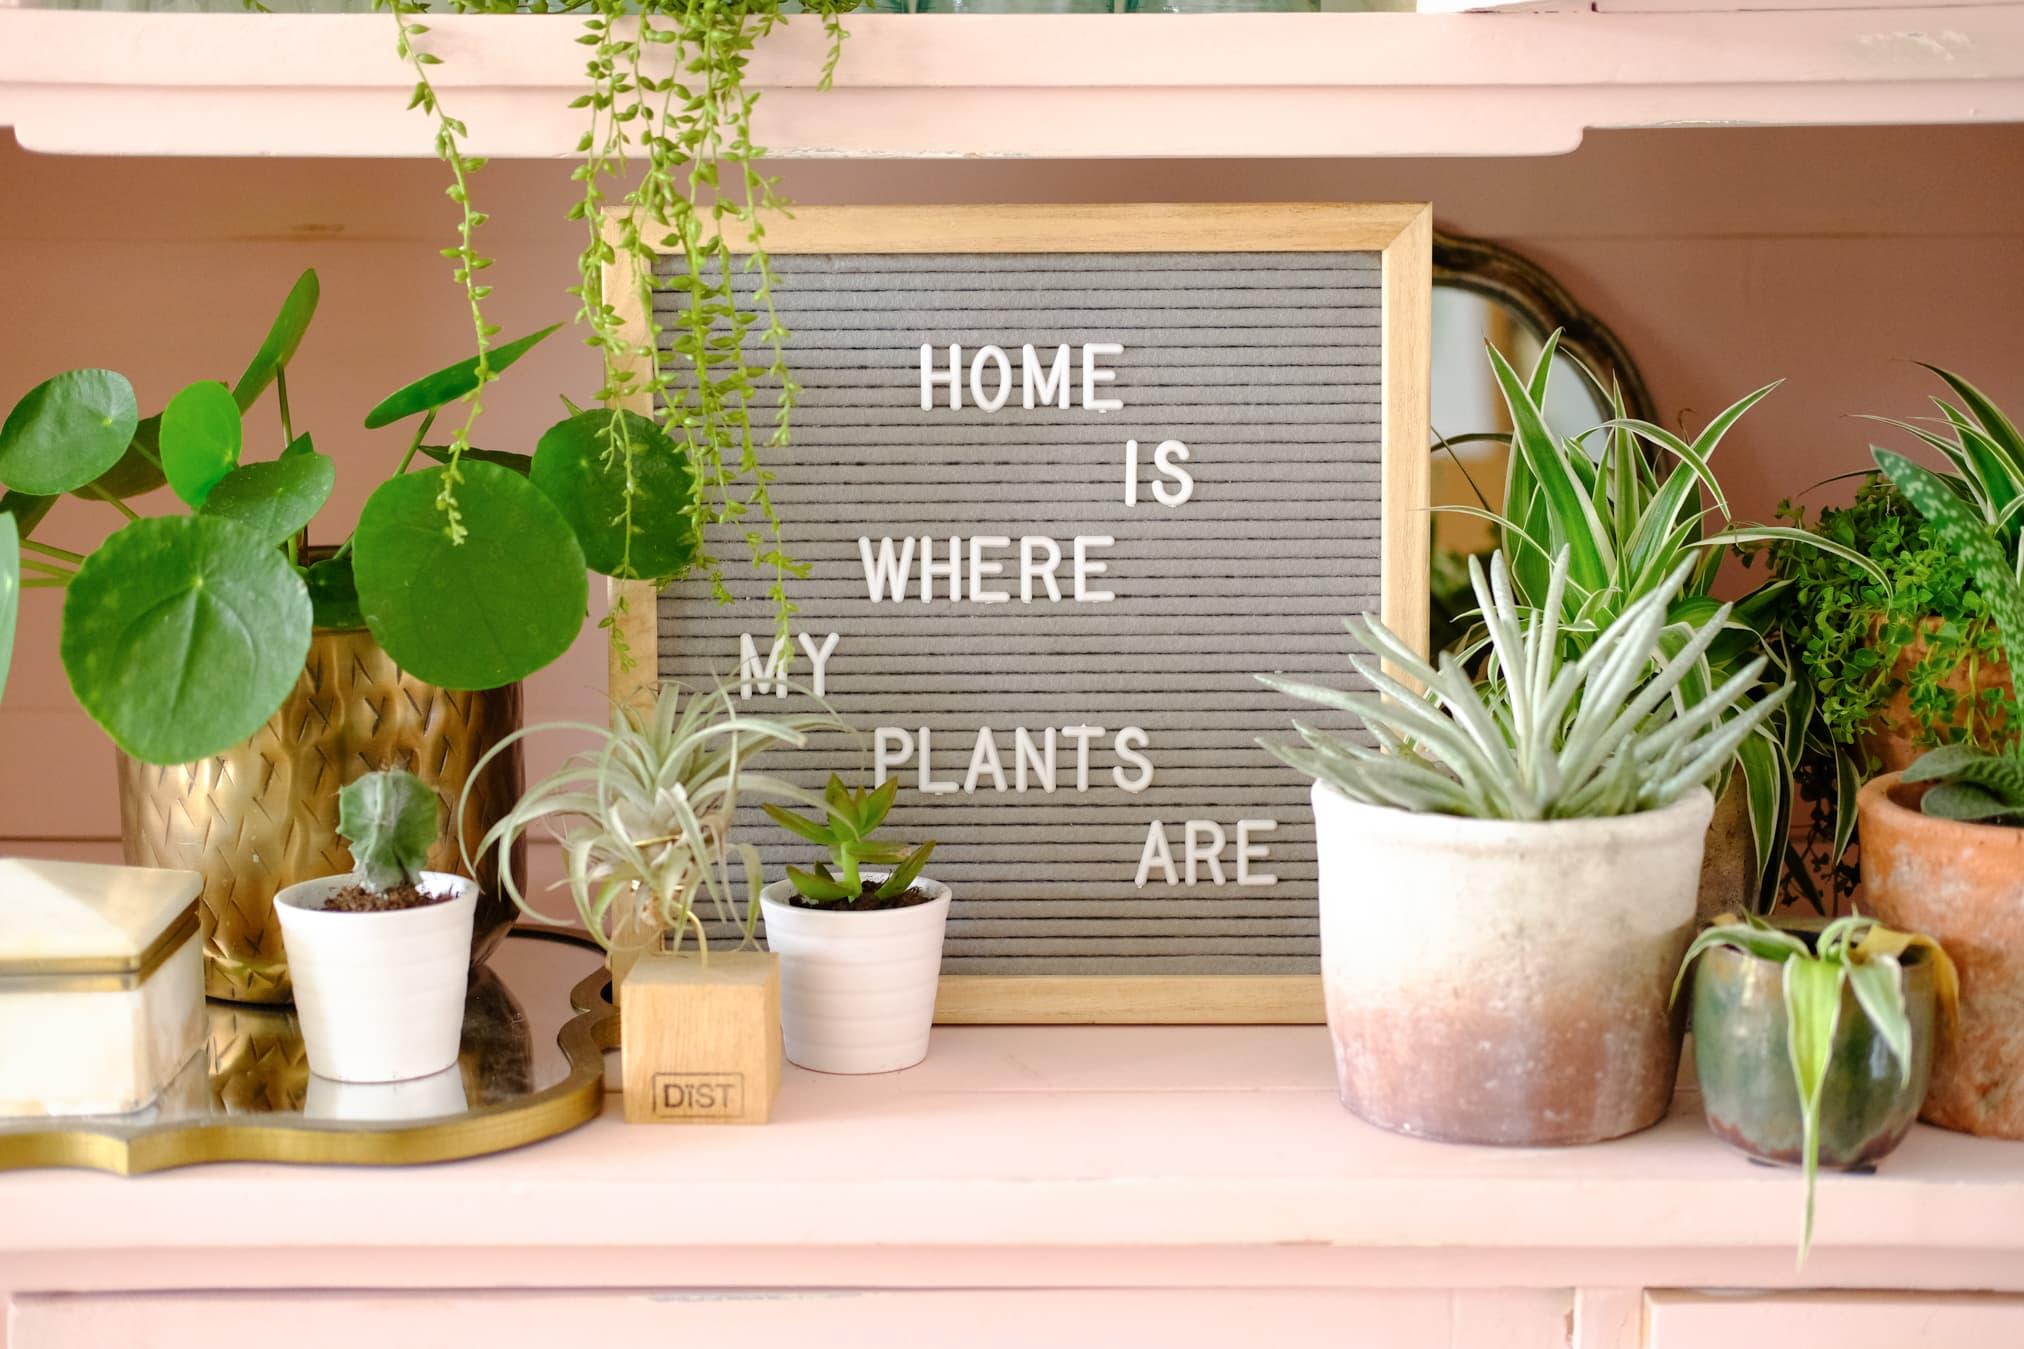 gekke planten teksten letterbord